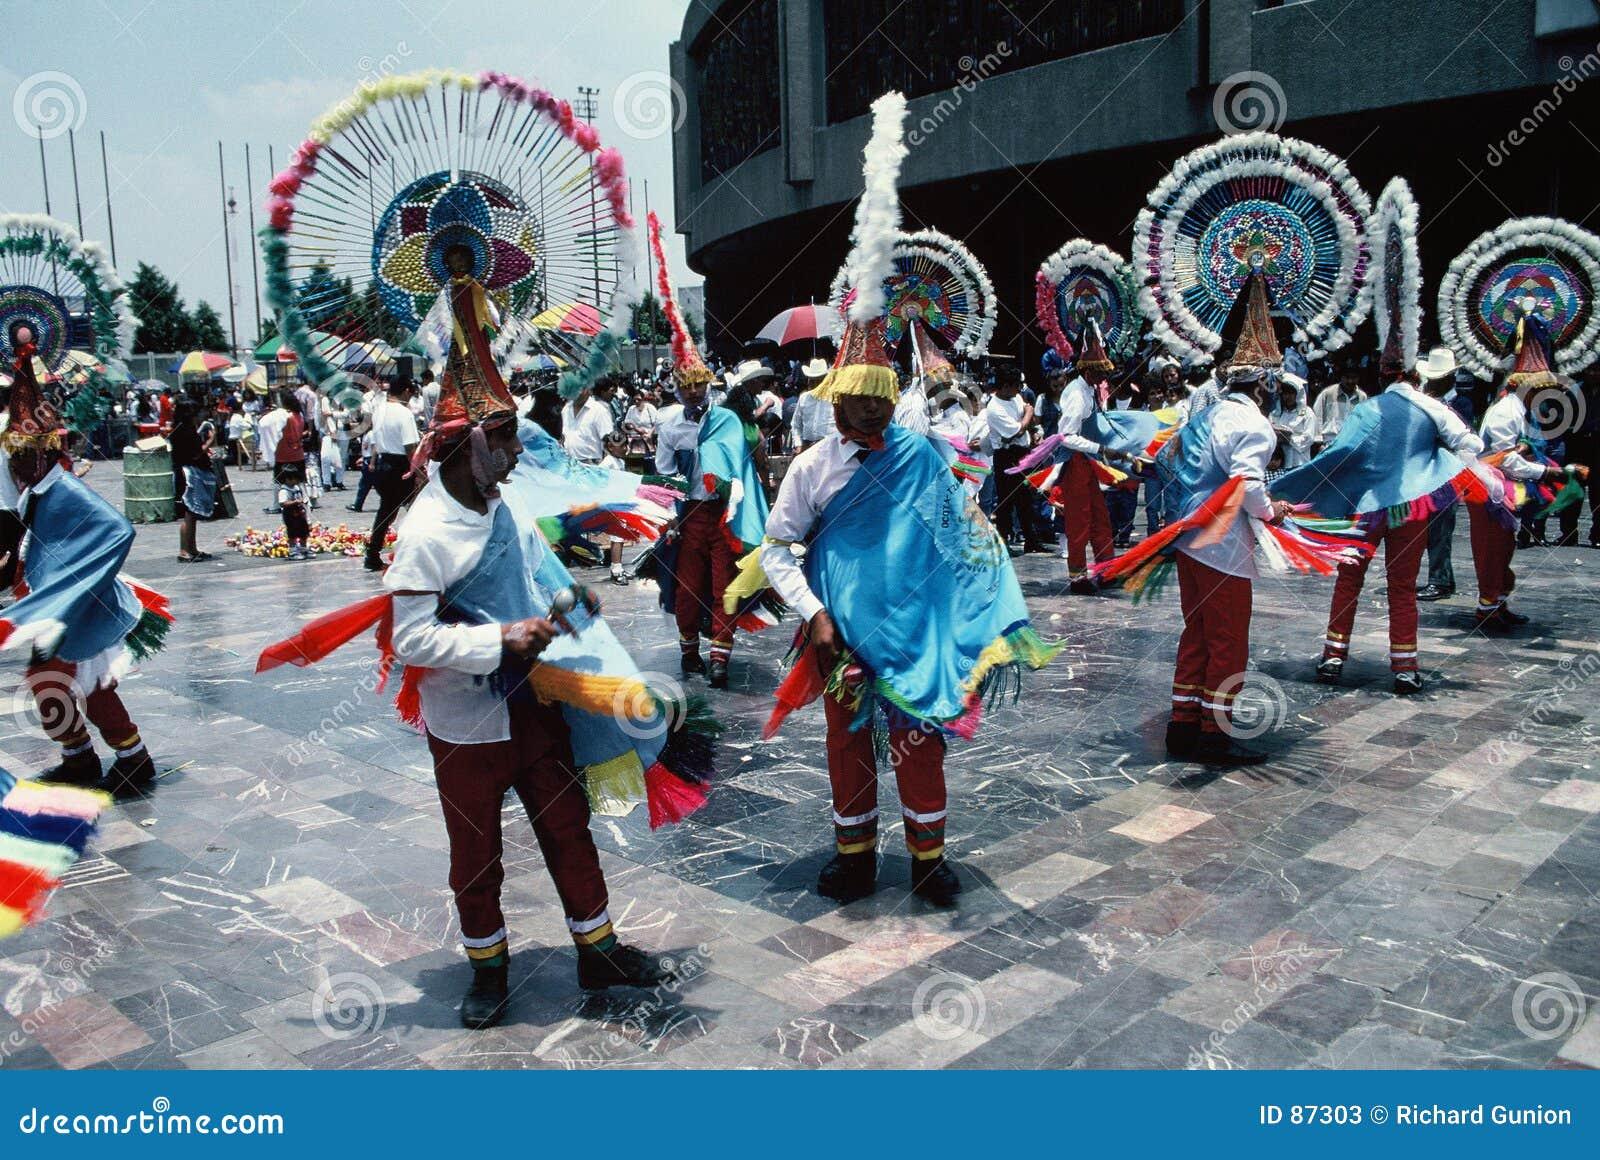 Aztec tancerek miasta Meksyk